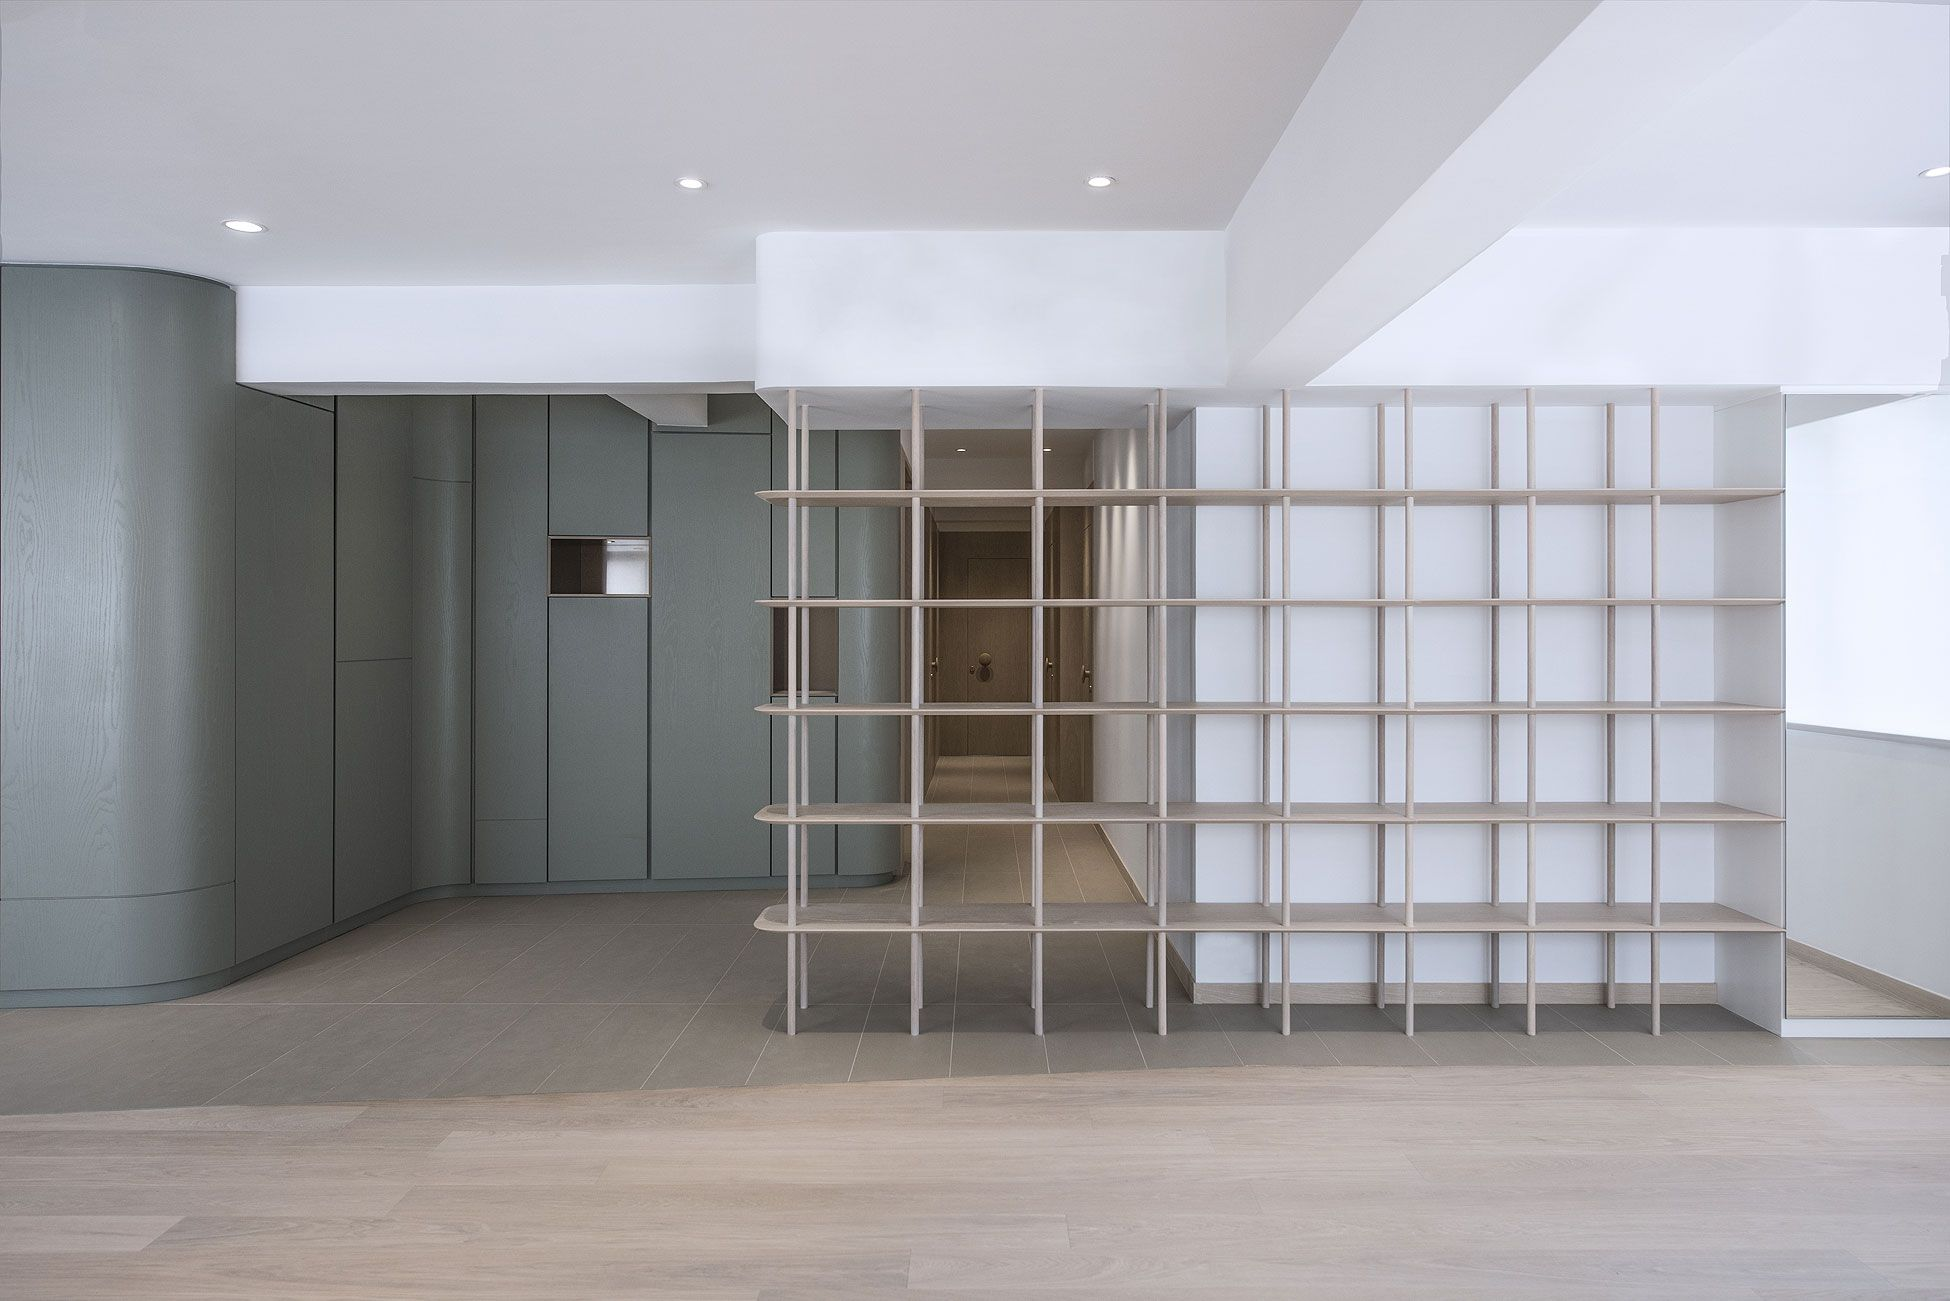 Bean Buro El Estudio De Arquitectura De Lorene Faure Y Kenny